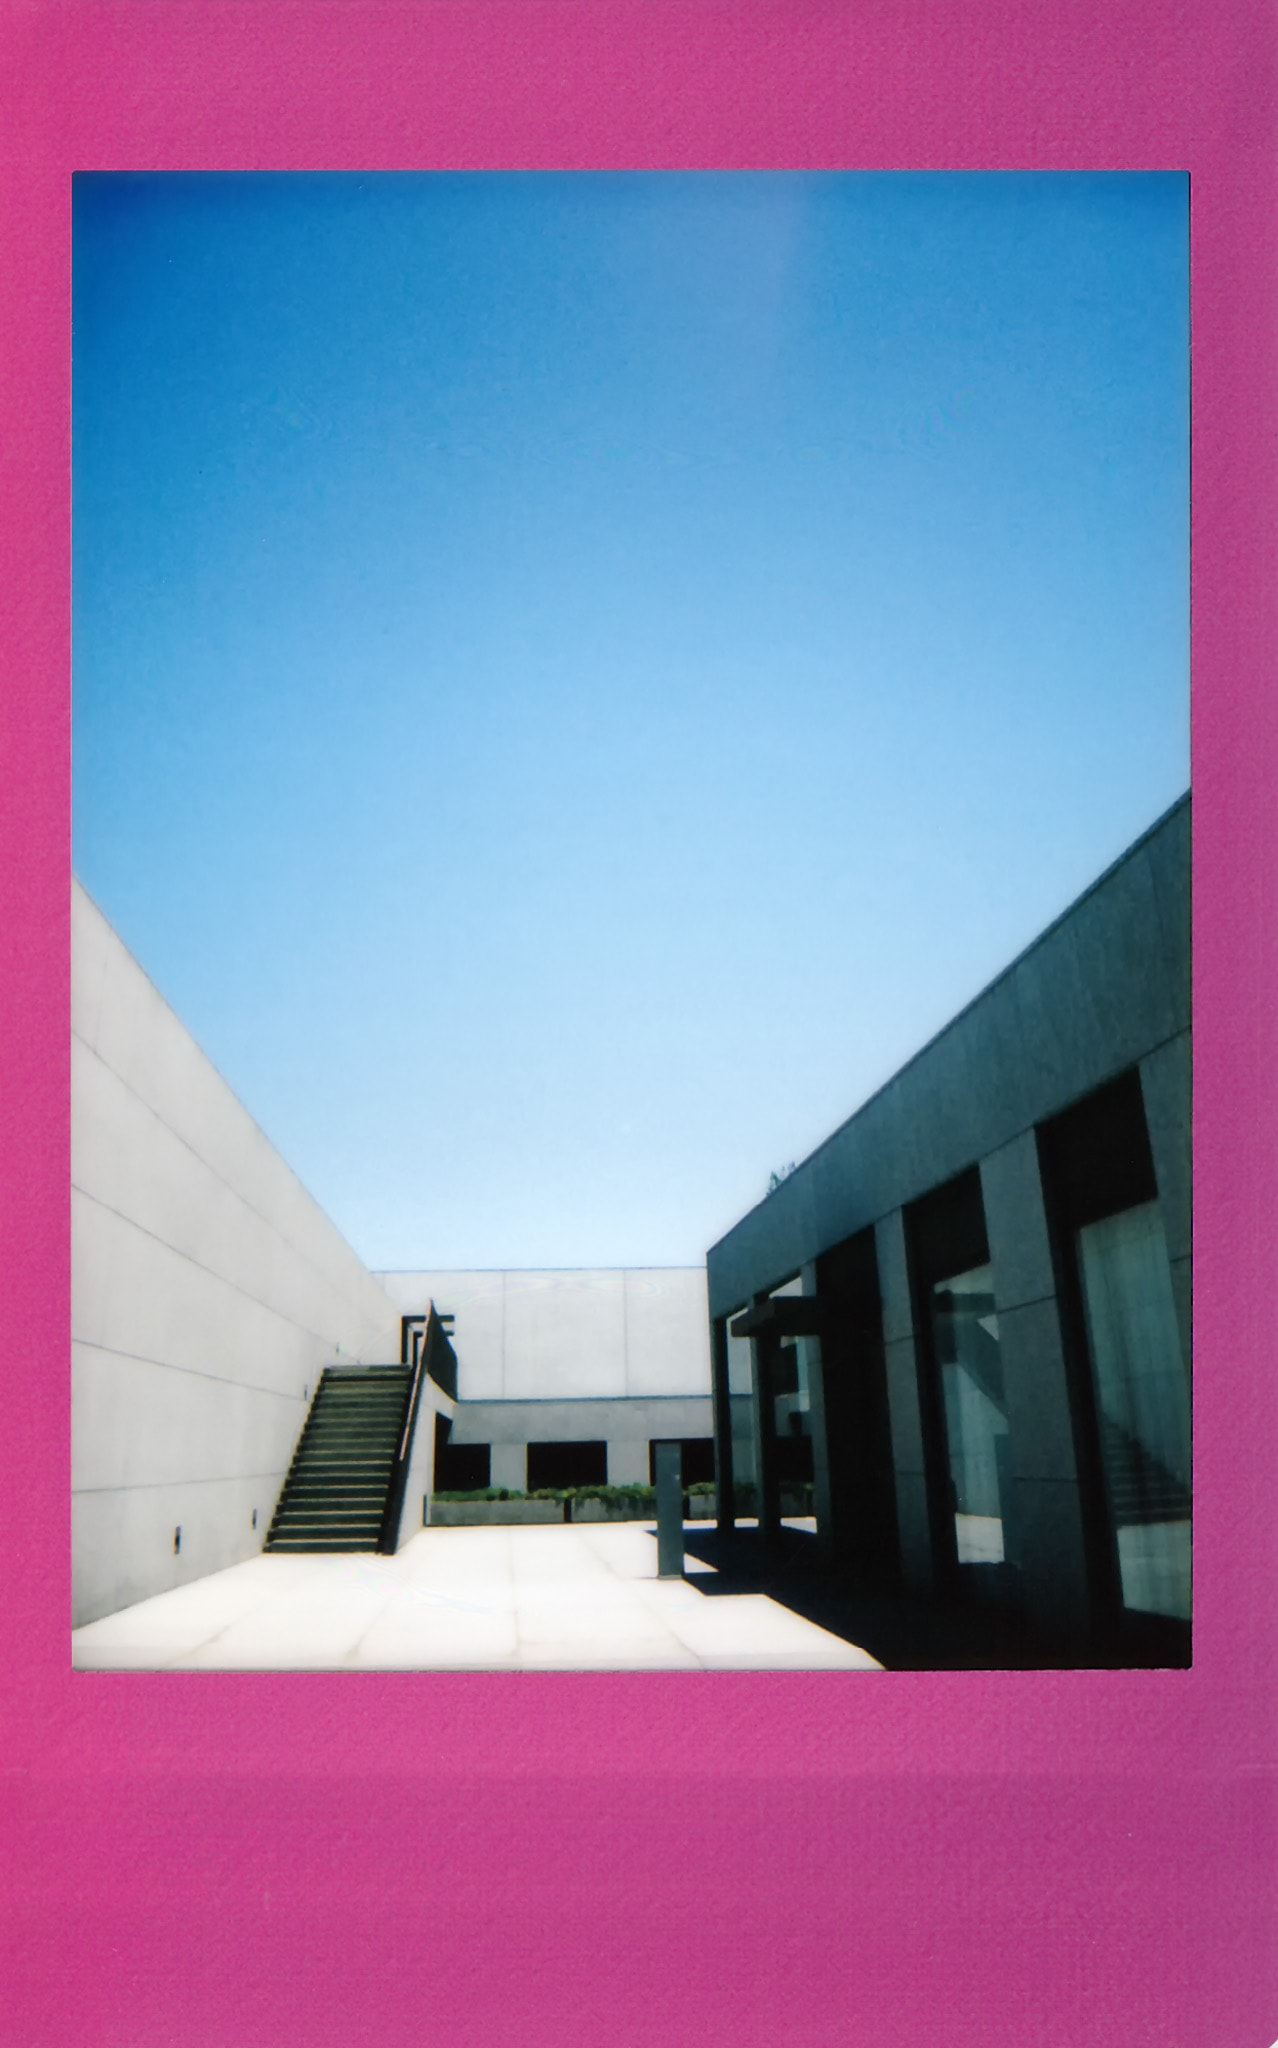 土門拳記念館にて2020-5-30 チェキフィルムにて撮影(その1)